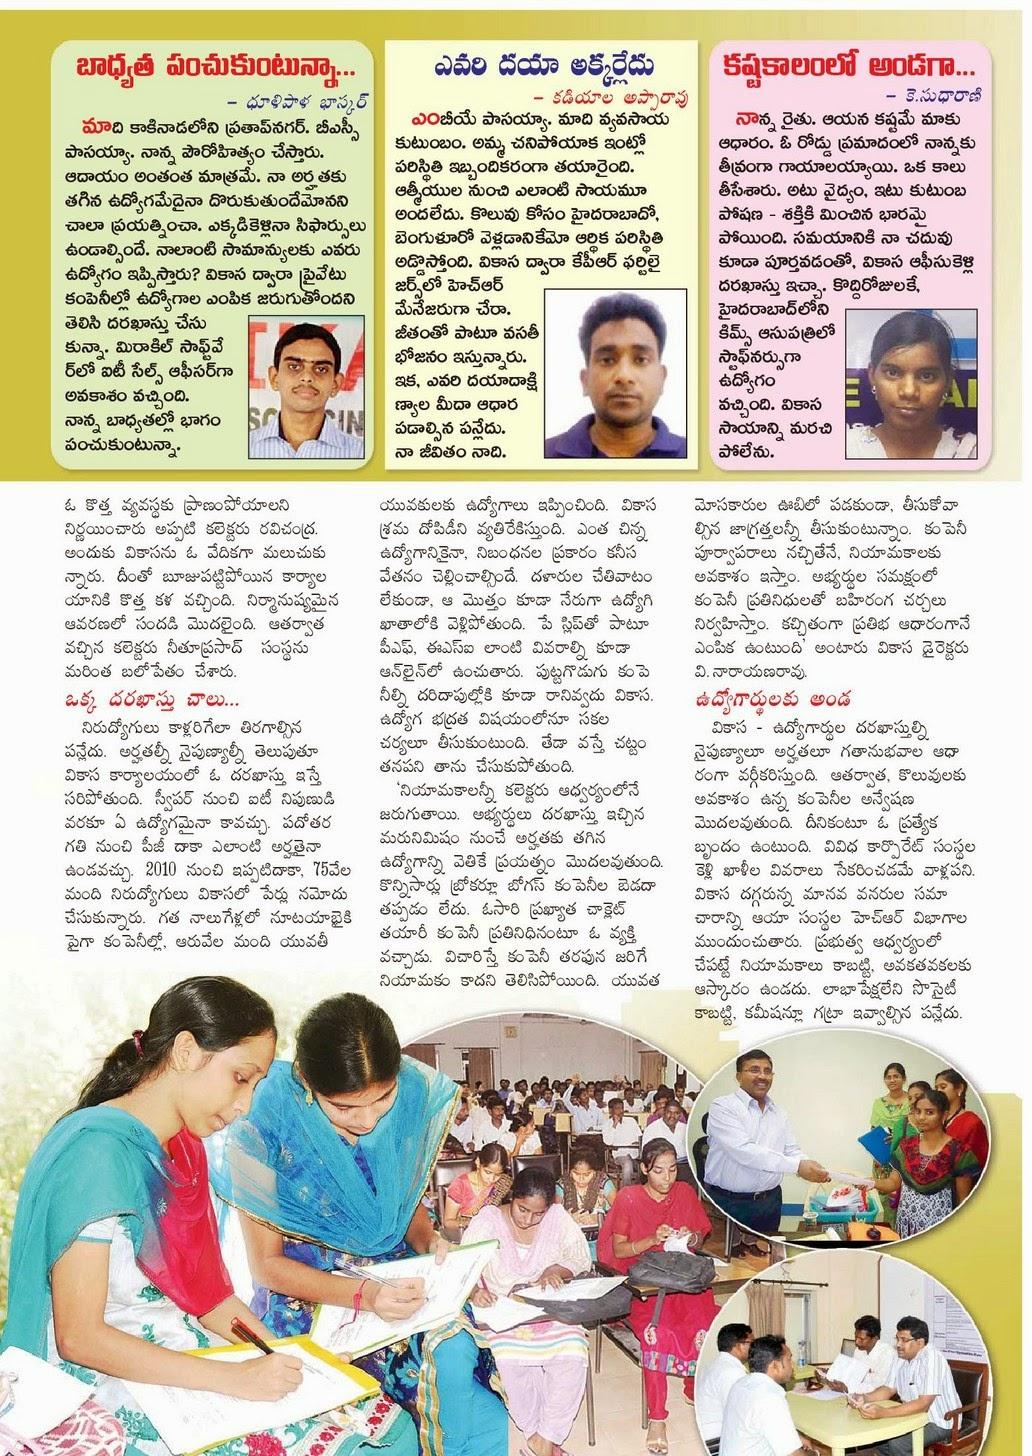 Telugu essays site